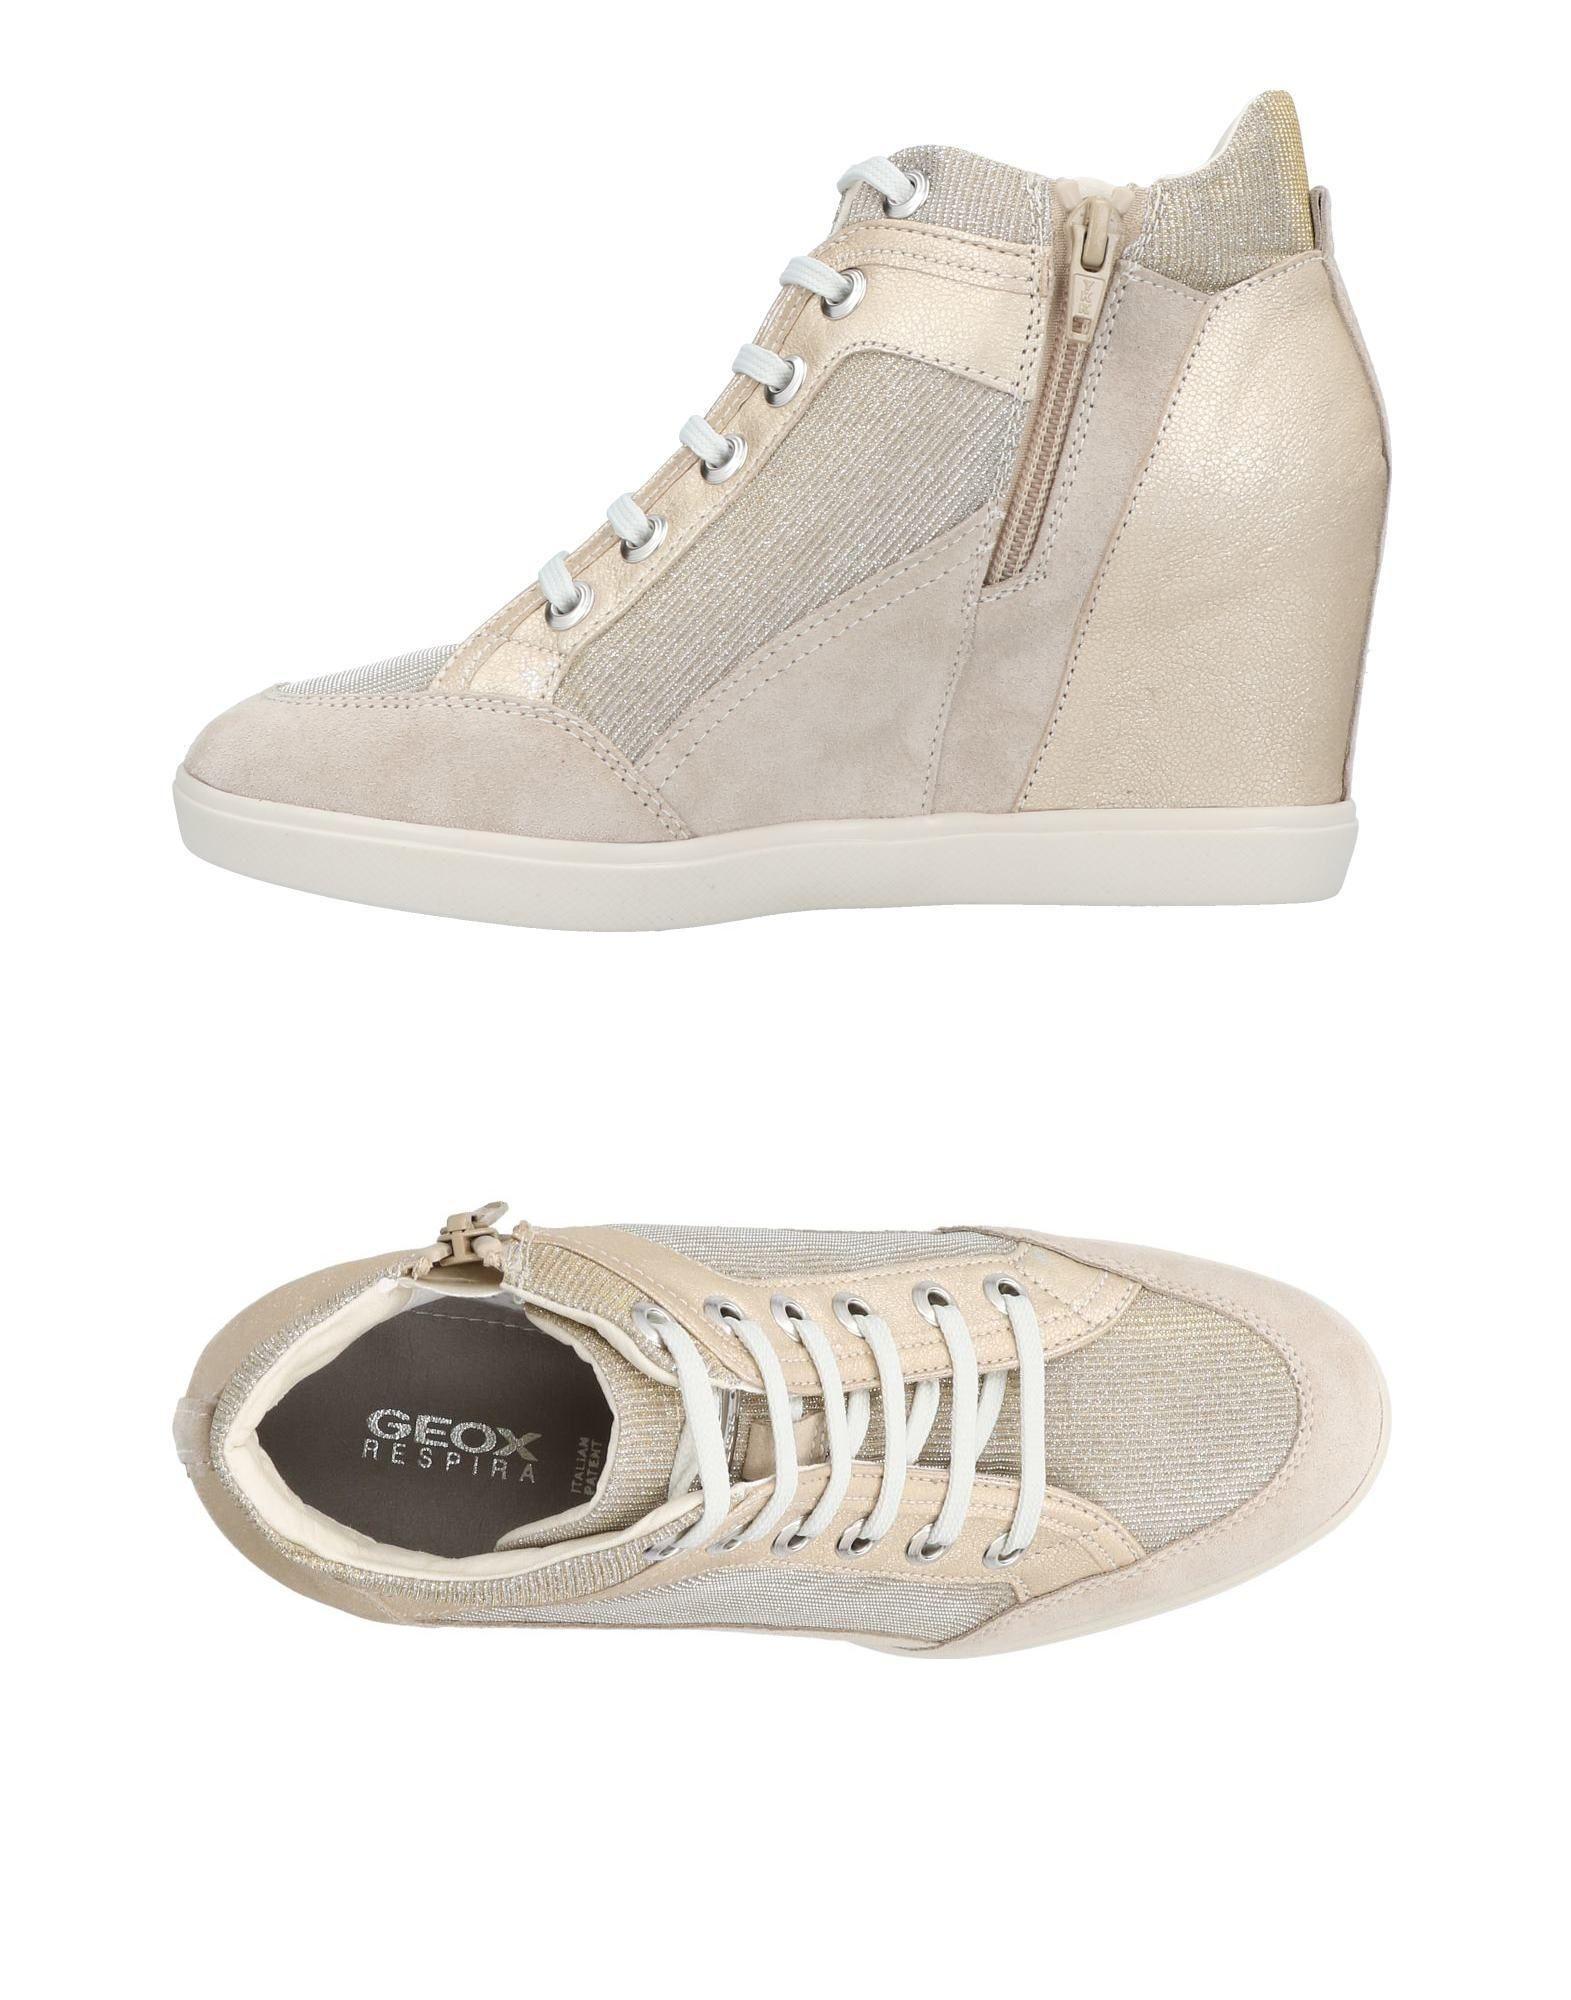 Geox Sneakers In Beige